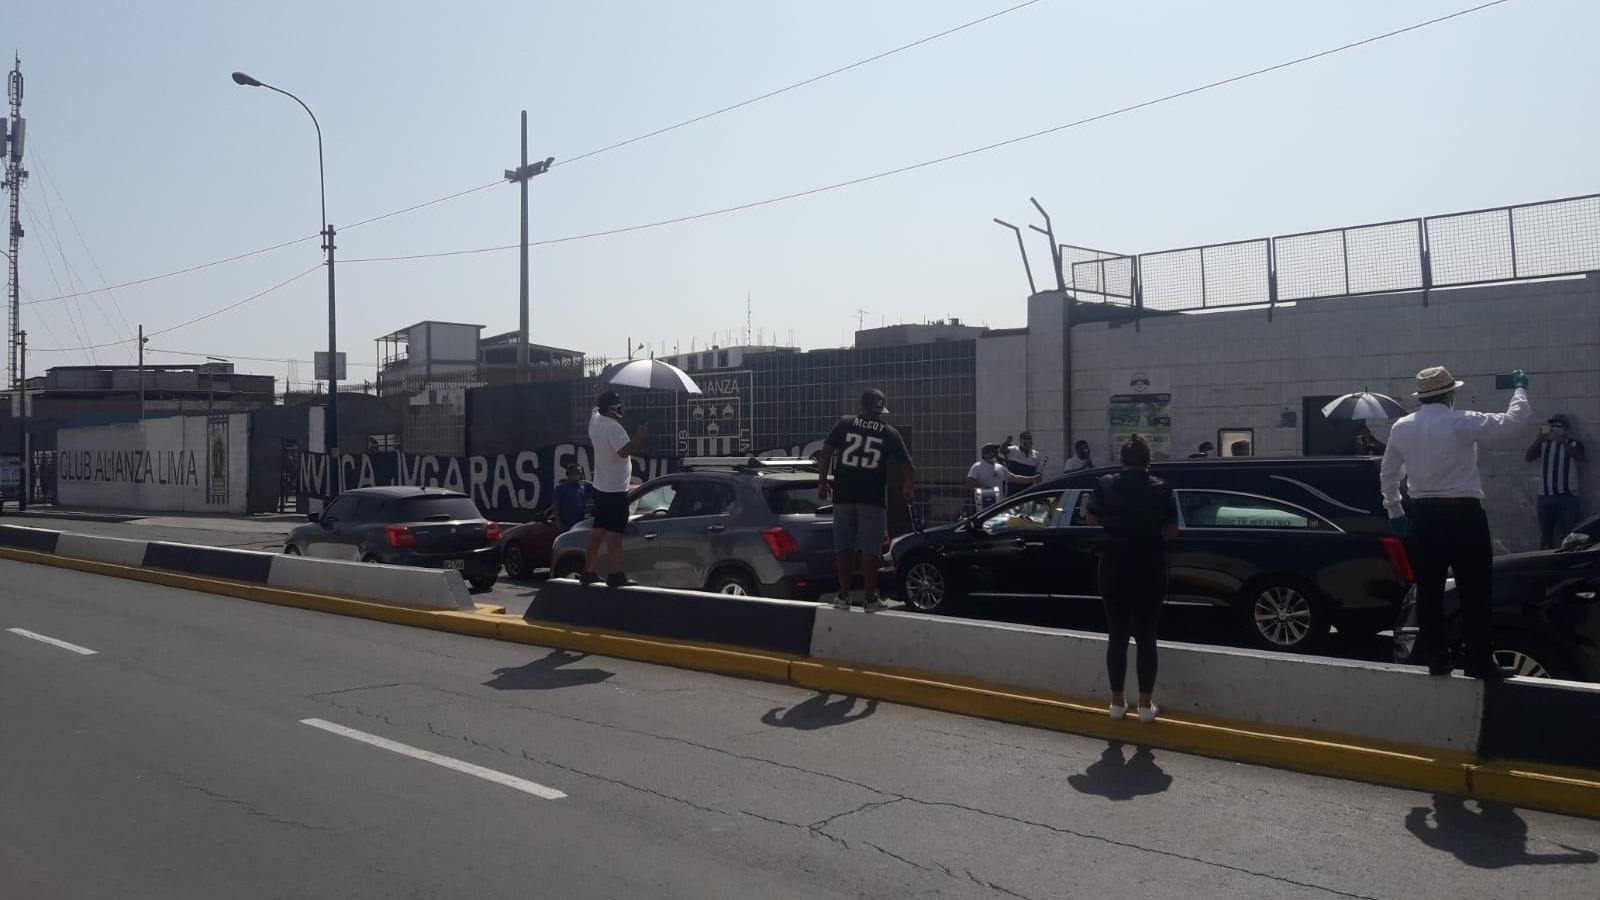 Los restos del exdelantero nacional 'Perico' León fueron paseados por los exteriores del estadio Alejandro Villanuea